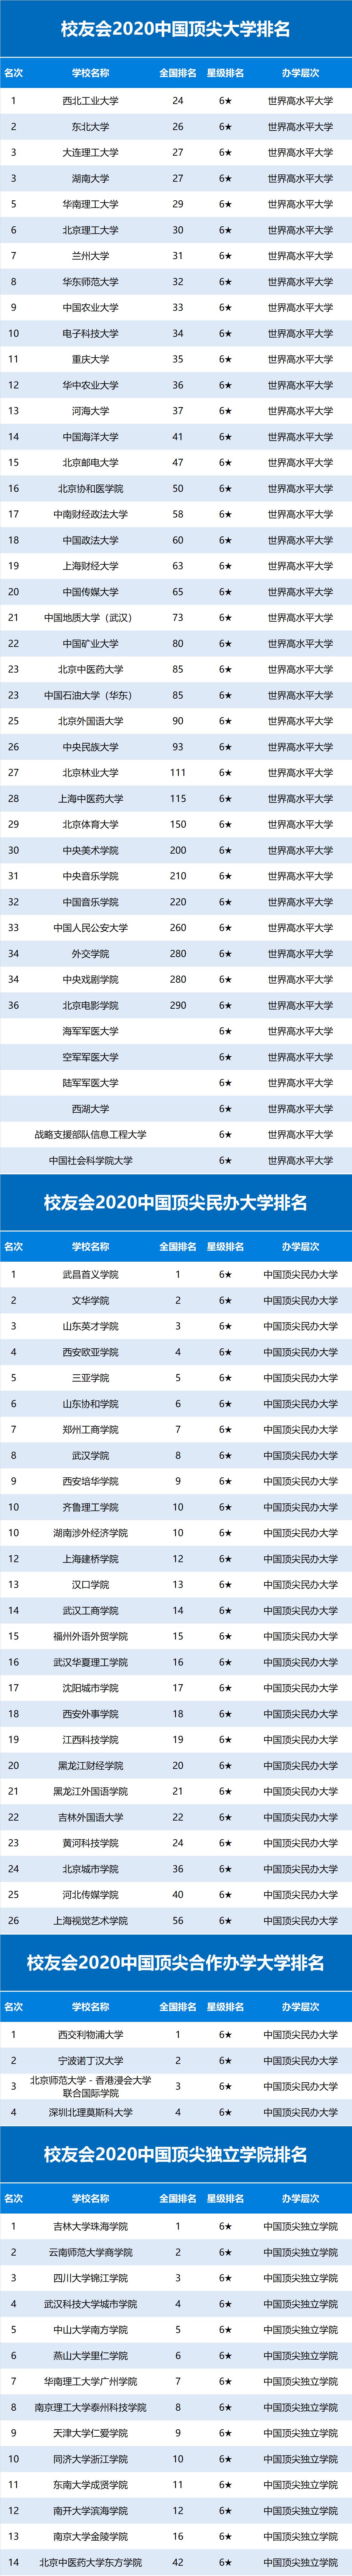 2020高分子大学排名_校友会2020中国大学排名1200强出炉,上海交通大学跻身